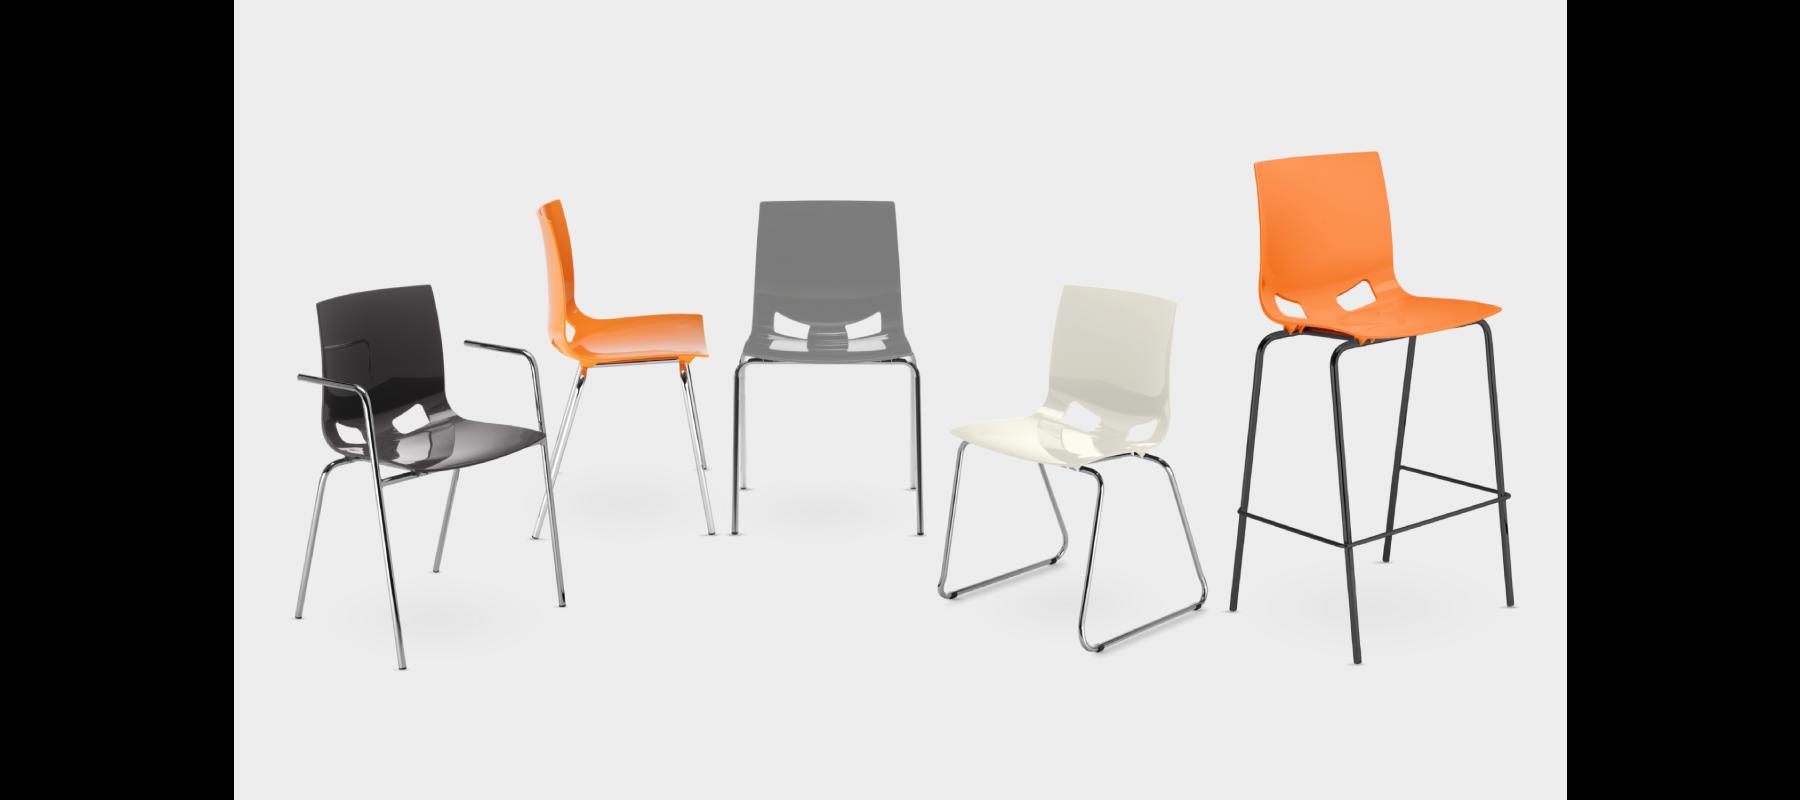 krzesła stacjonarne fondo aranżacje - 06